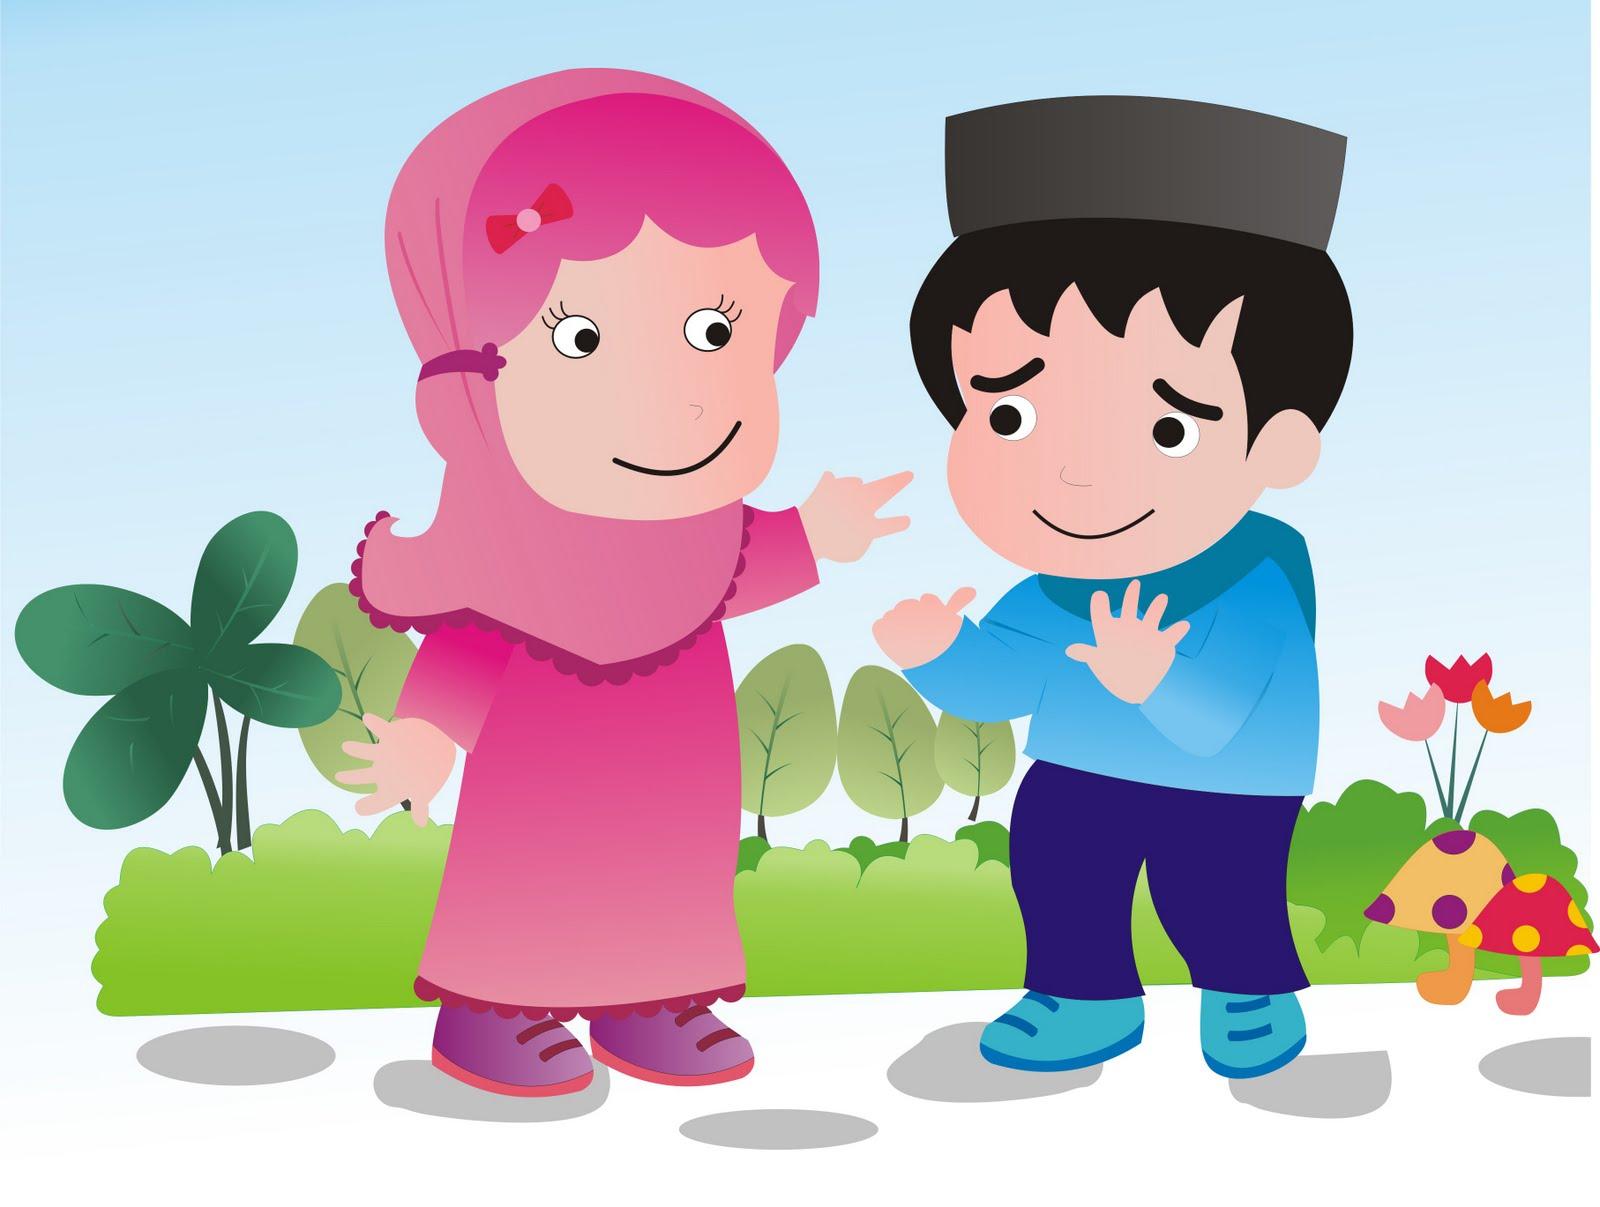 Mewarnai Gambar Anak Muslim | Mewarnai Gambar